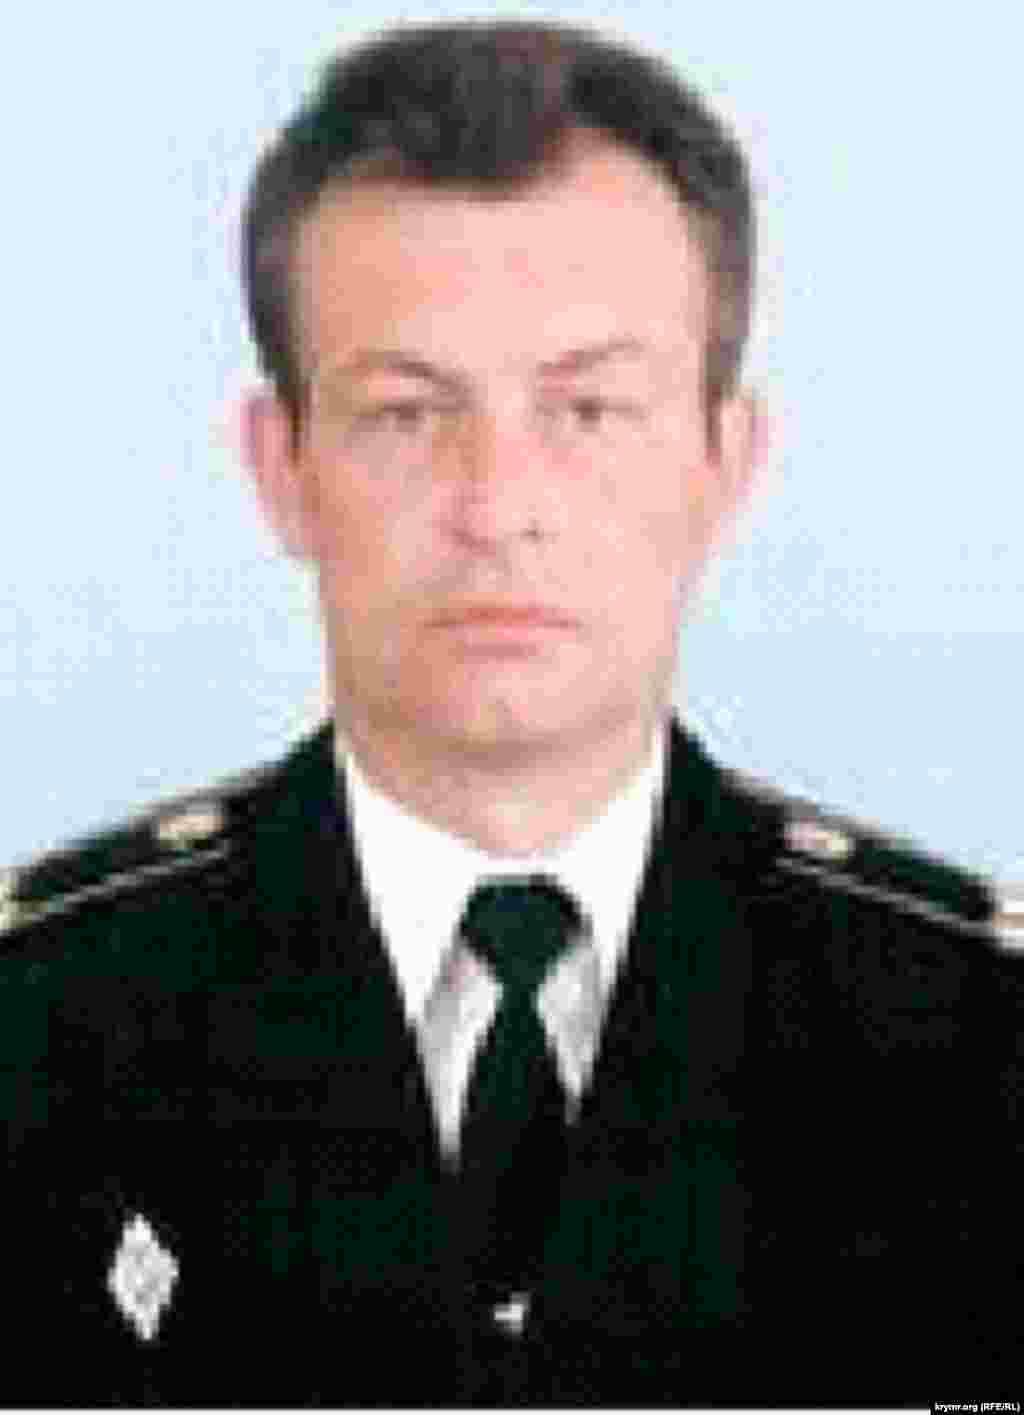 Игорь Поддубный - сотрудник ФСБ в российской ФМС Крыма